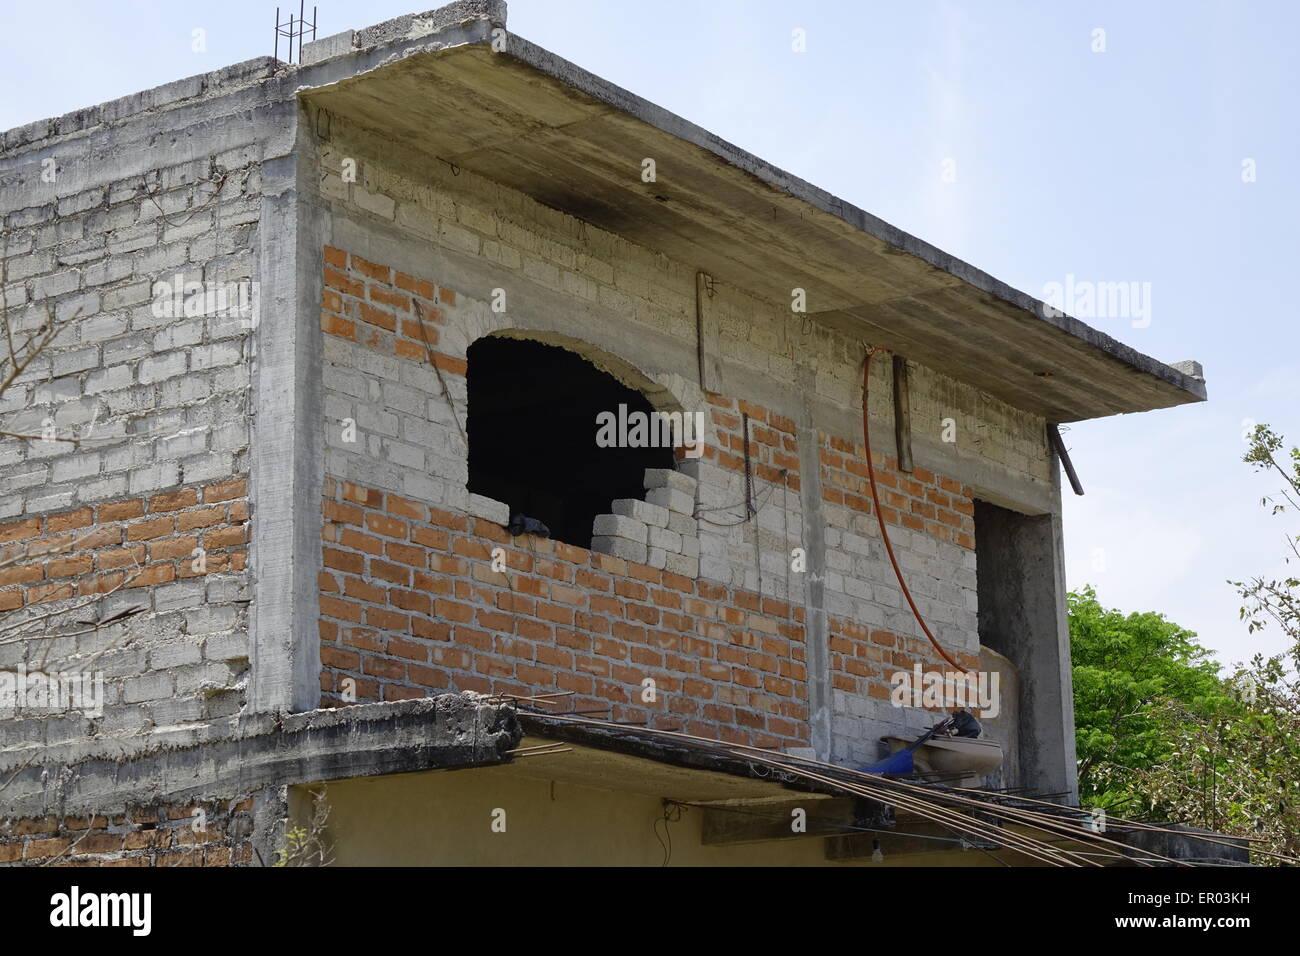 Teilweise abgeschlossen Obergeschoss des landwirtschaftlichen Gebäudes, Nähe des El Tuito, Mexiko Stockbild